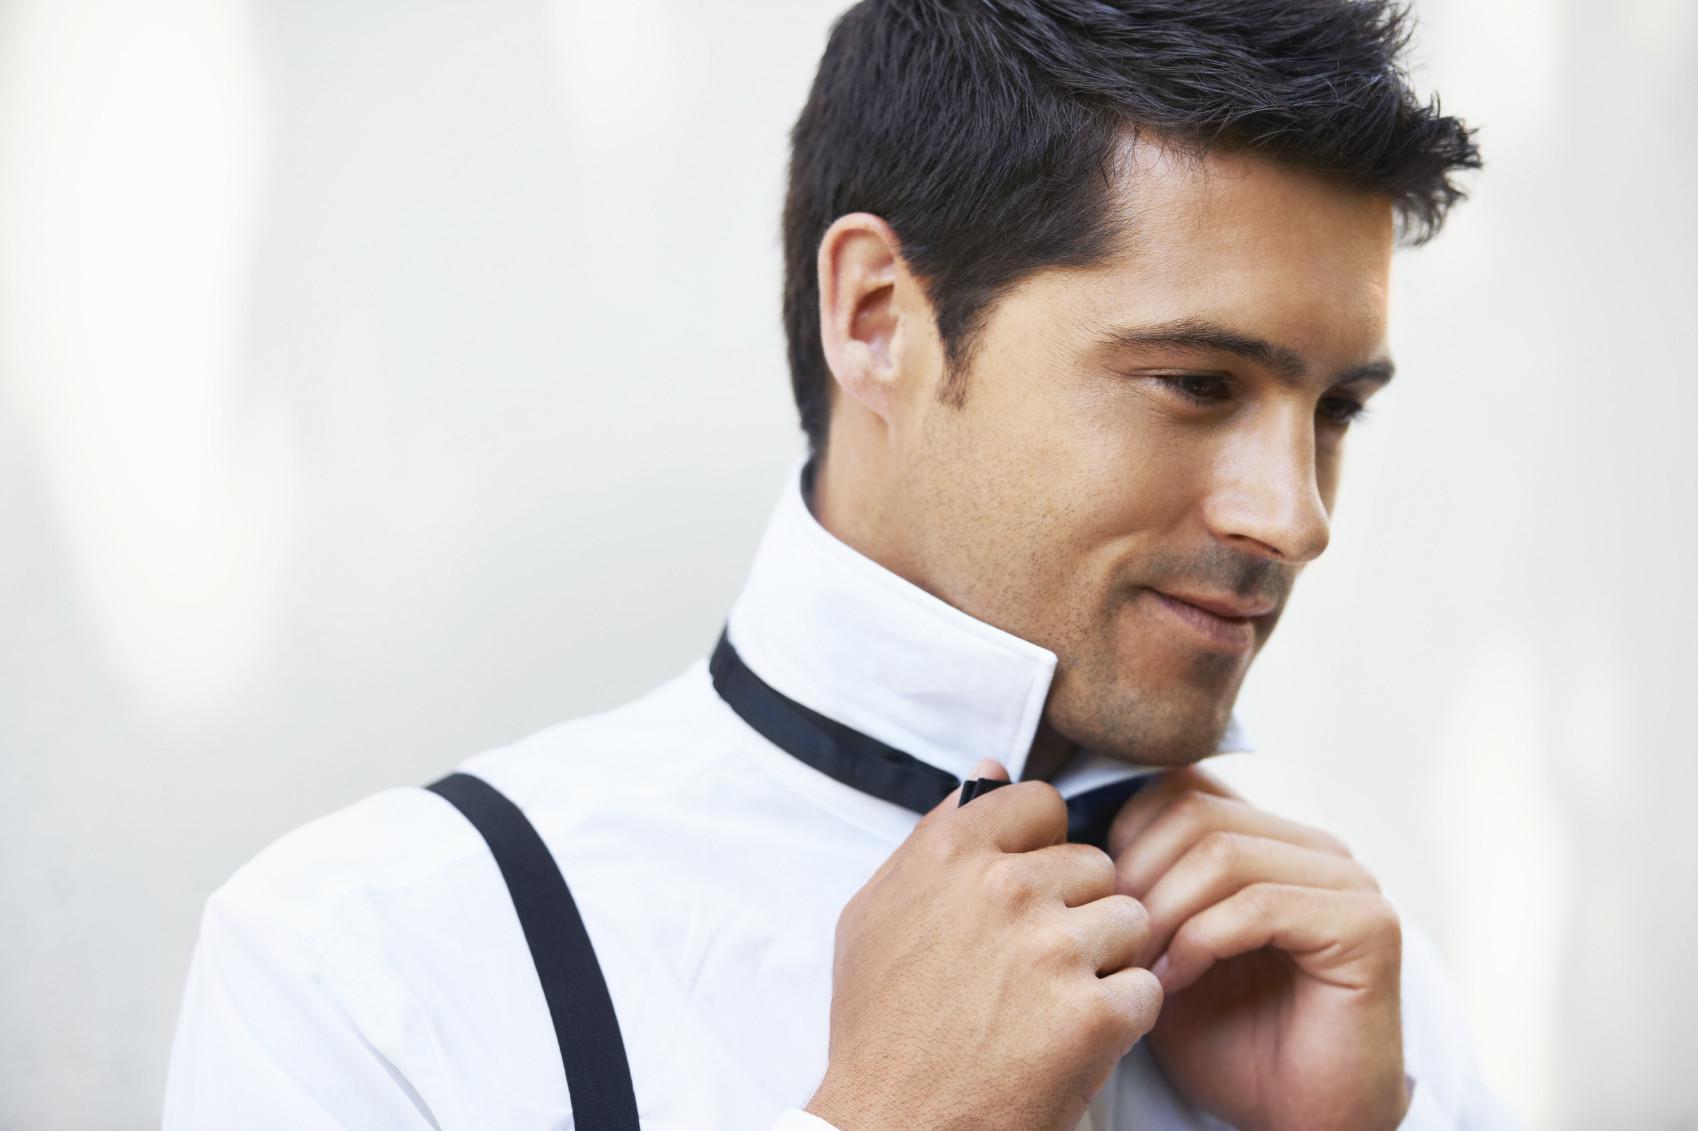 4 kesalahan ini kerap dilakukan pengantin pria, ini cara mengatasinya. (Foto: Bridestory.com)